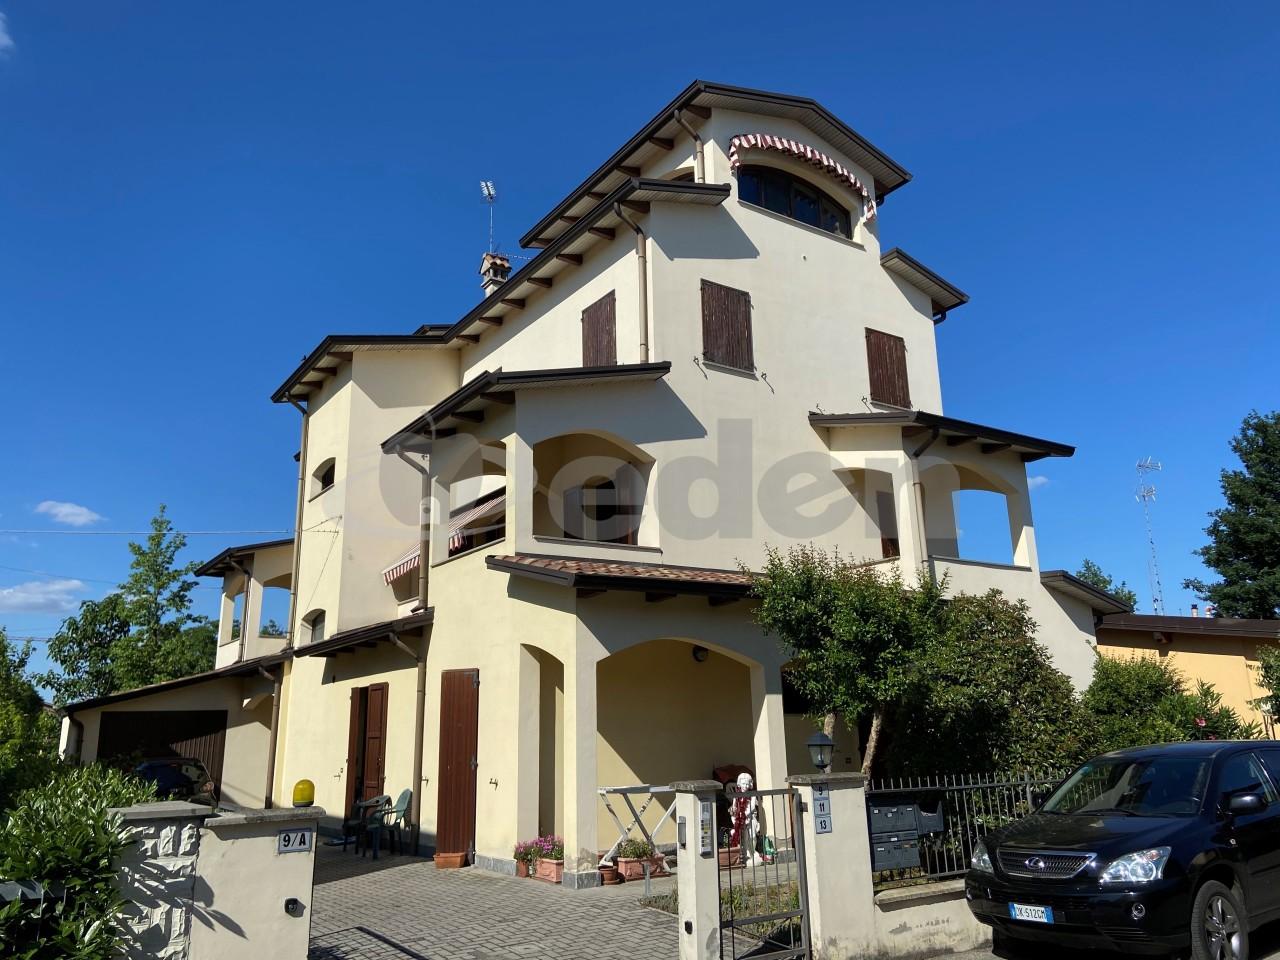 Appartamento in vendita a Castelfranco Emilia, 2 locali, prezzo € 110.000   PortaleAgenzieImmobiliari.it